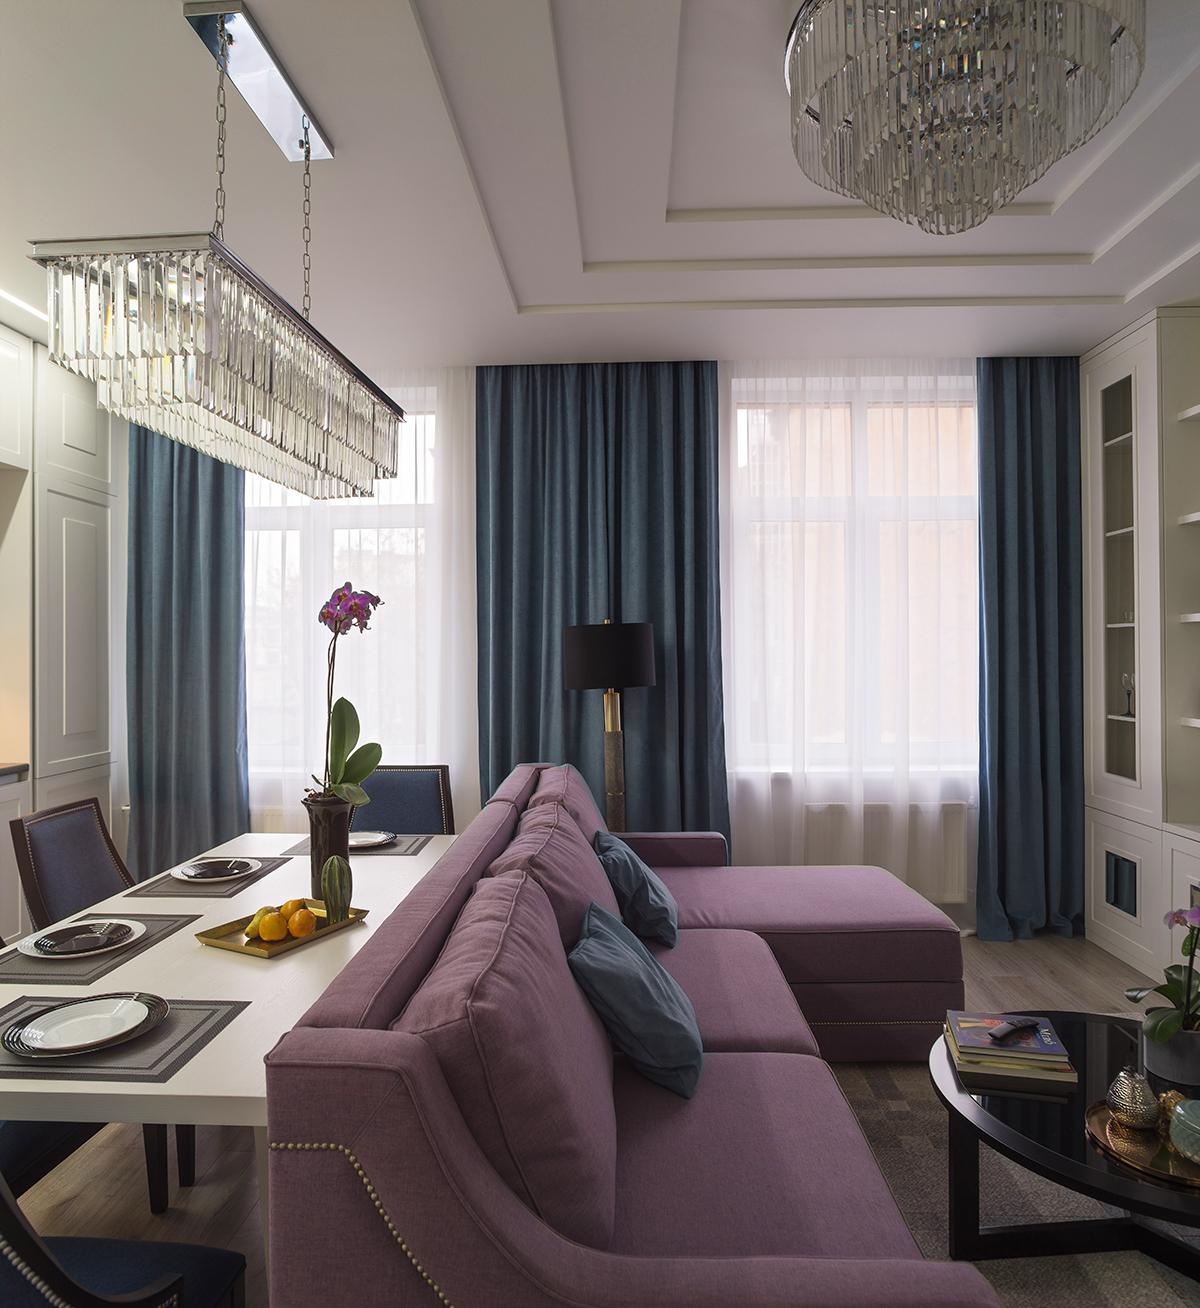 Классический дизайн интерьера квартиры для сдачи в аренду